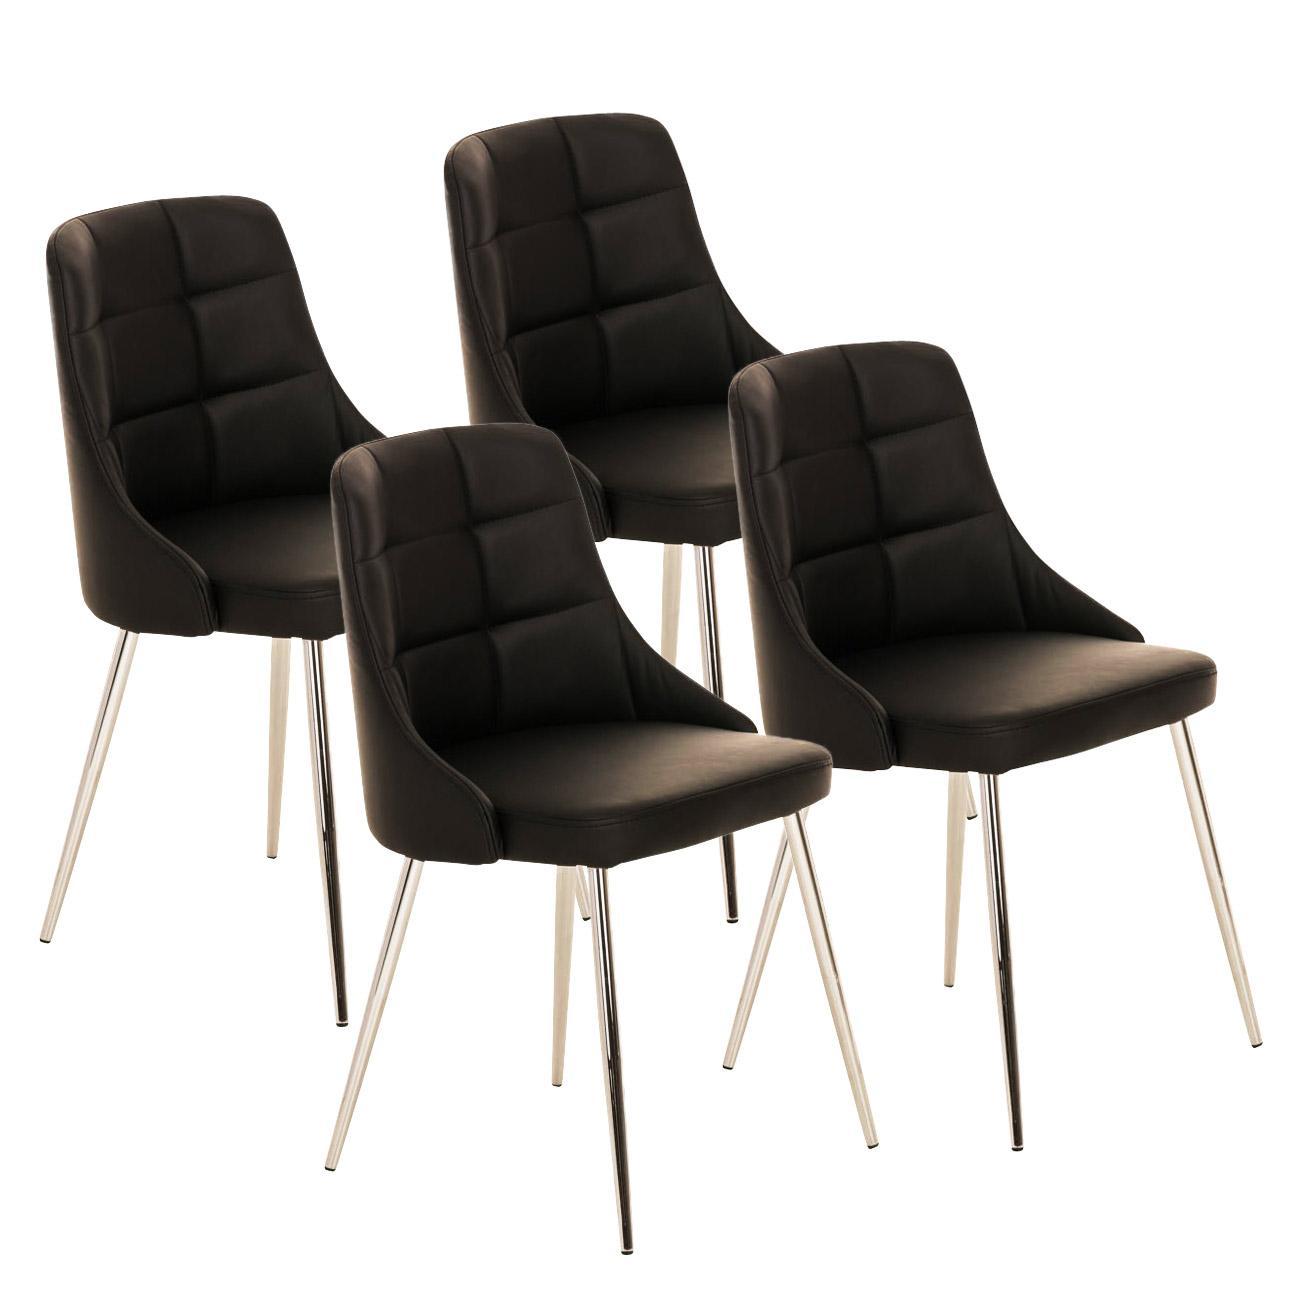 Lote 4 sillas de comedor o cocina harrison en piel negro for Sillas de comedor tapizadas en piel